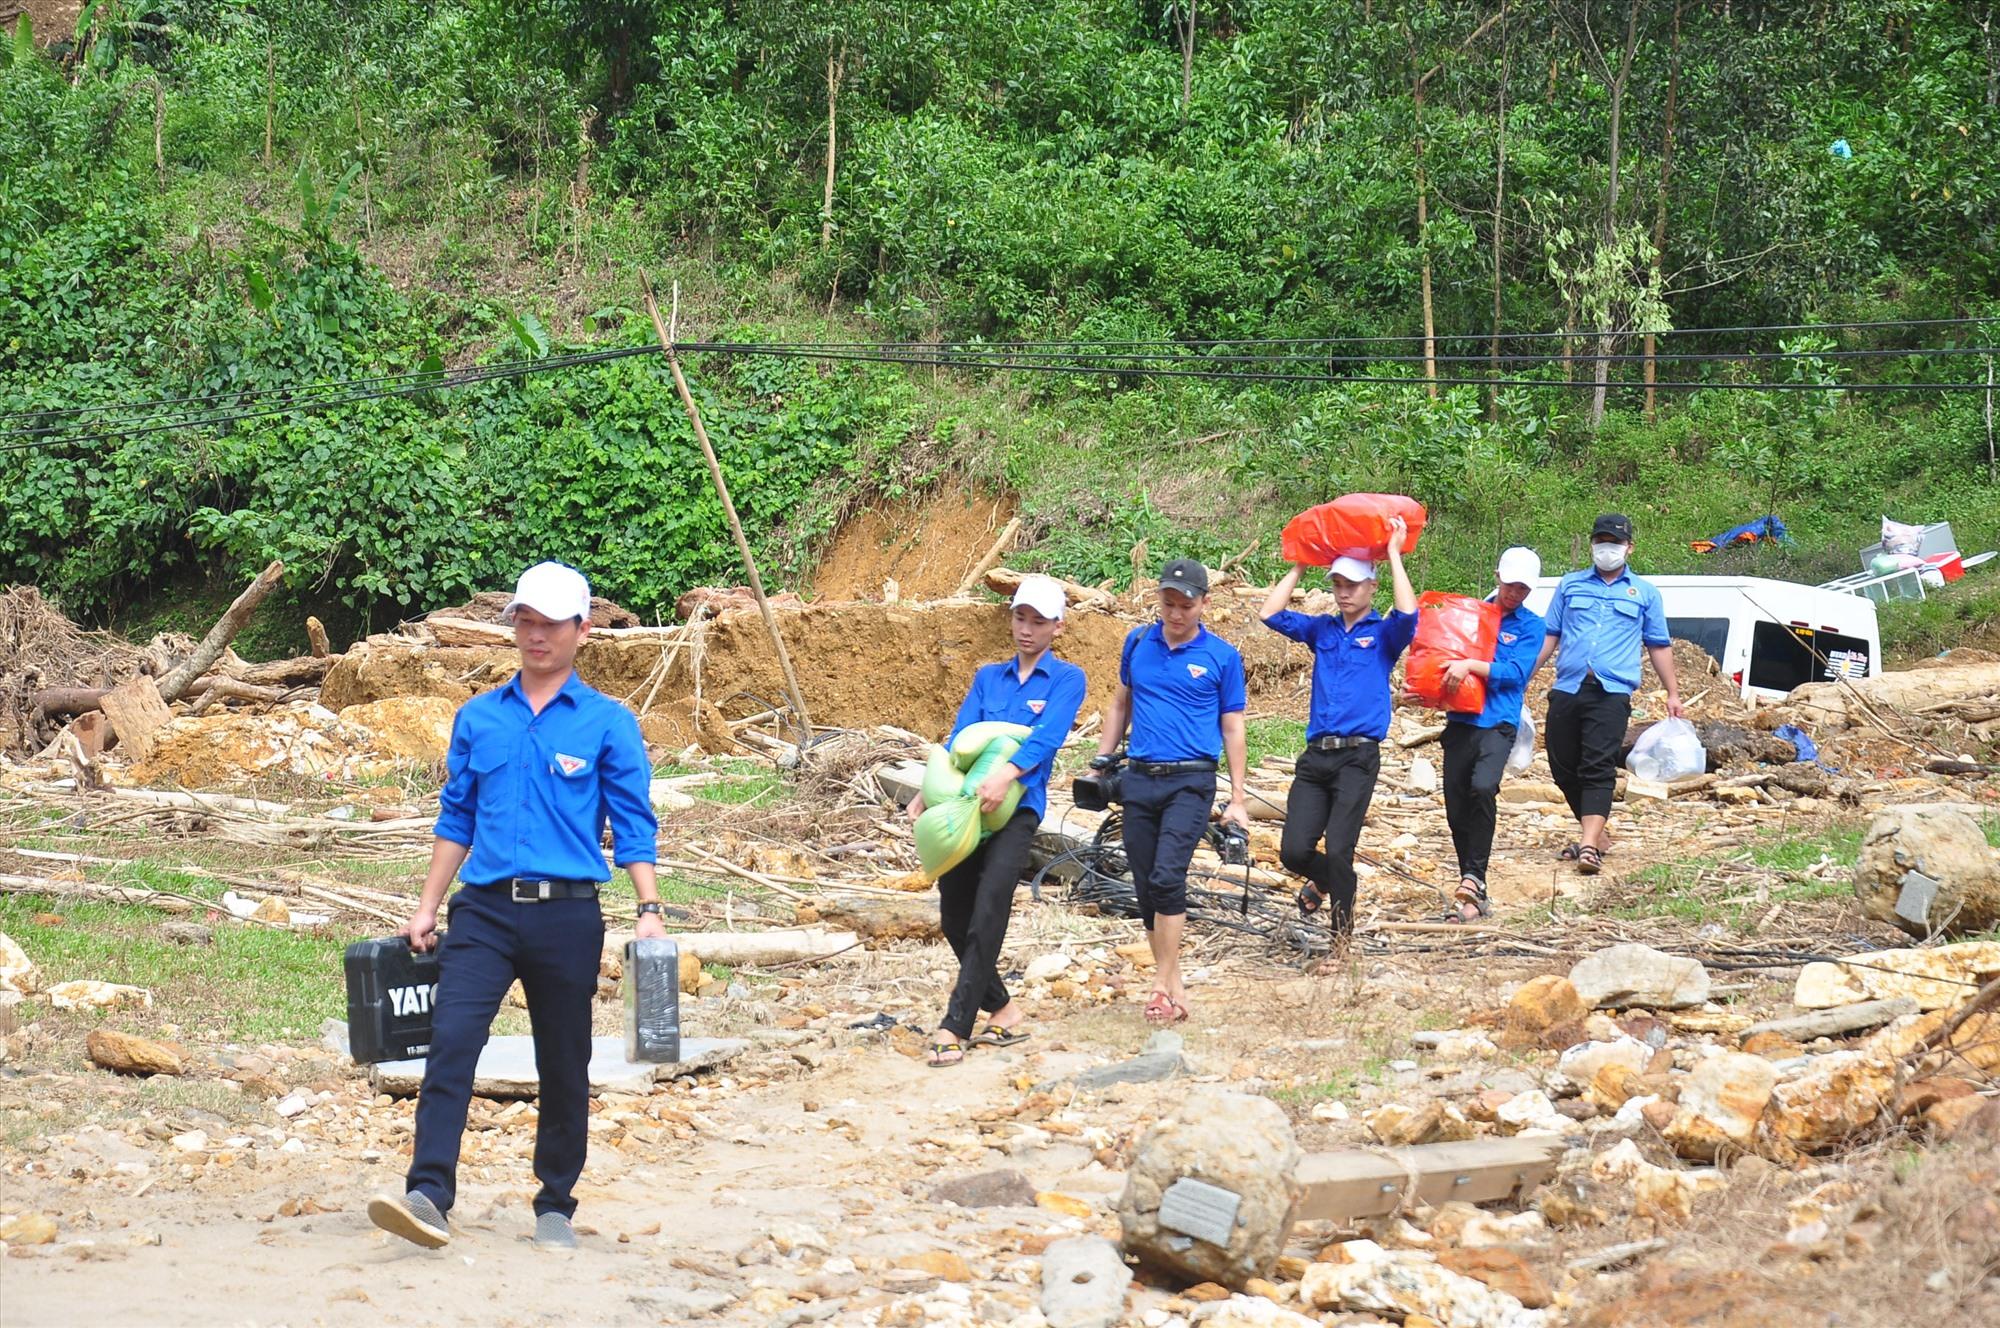 Từ quốc lộ 40B, đoàn tình nguyện cùng nhau vận chuyển đồ đạc, hàng hóa xuống bên sông để qua làng Tắk Rối. Ảnh: VINH ANH